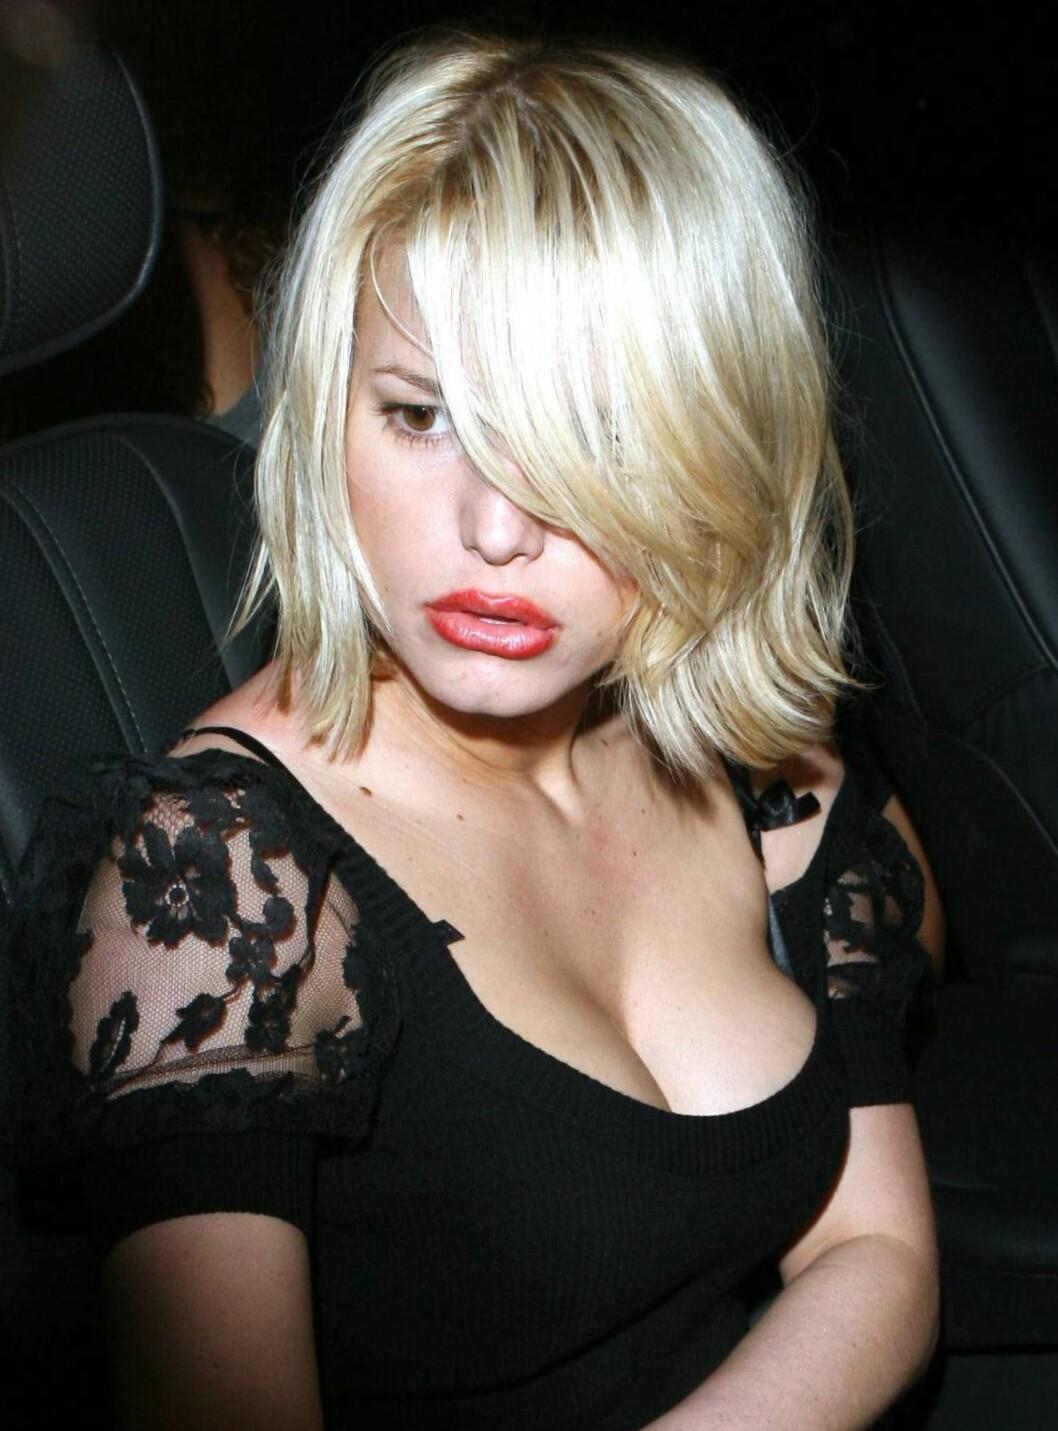 Artist Jessica Simpson måtte tåle å få høre at hun ligner en and etter leppeoperasjonen hun hadde i 2006.   Foto: All Over Press